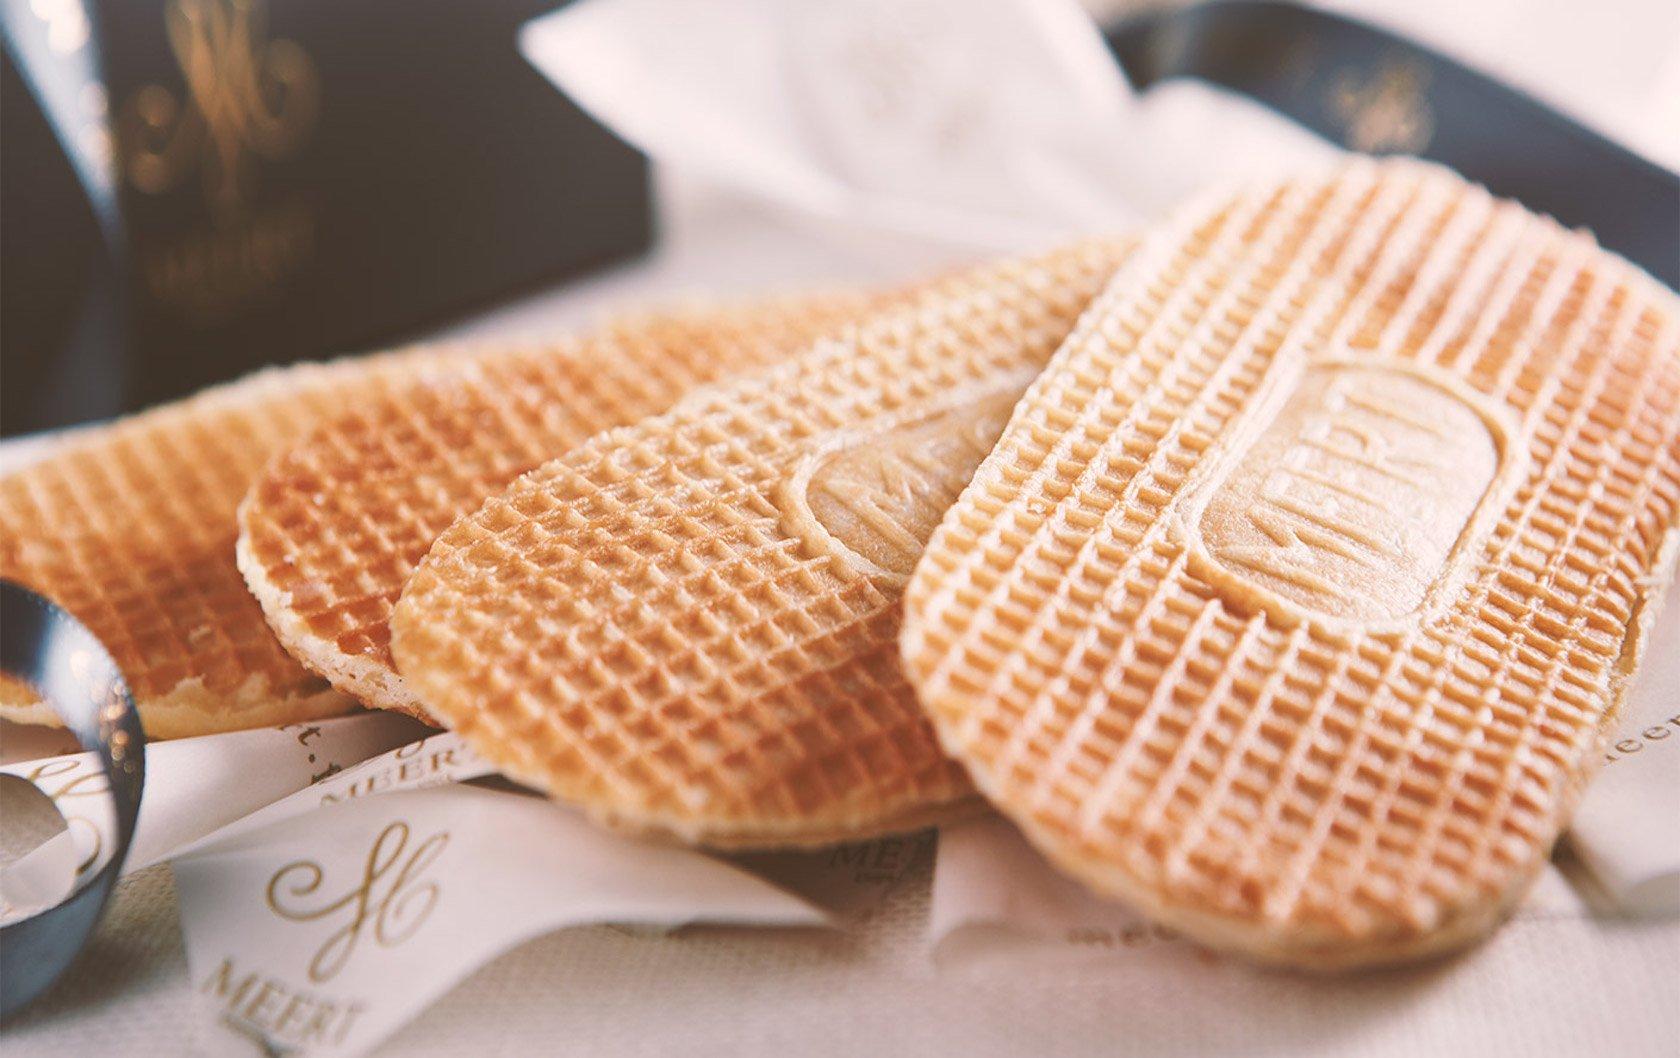 Meert Vanilla Waffles Pastries in Paris